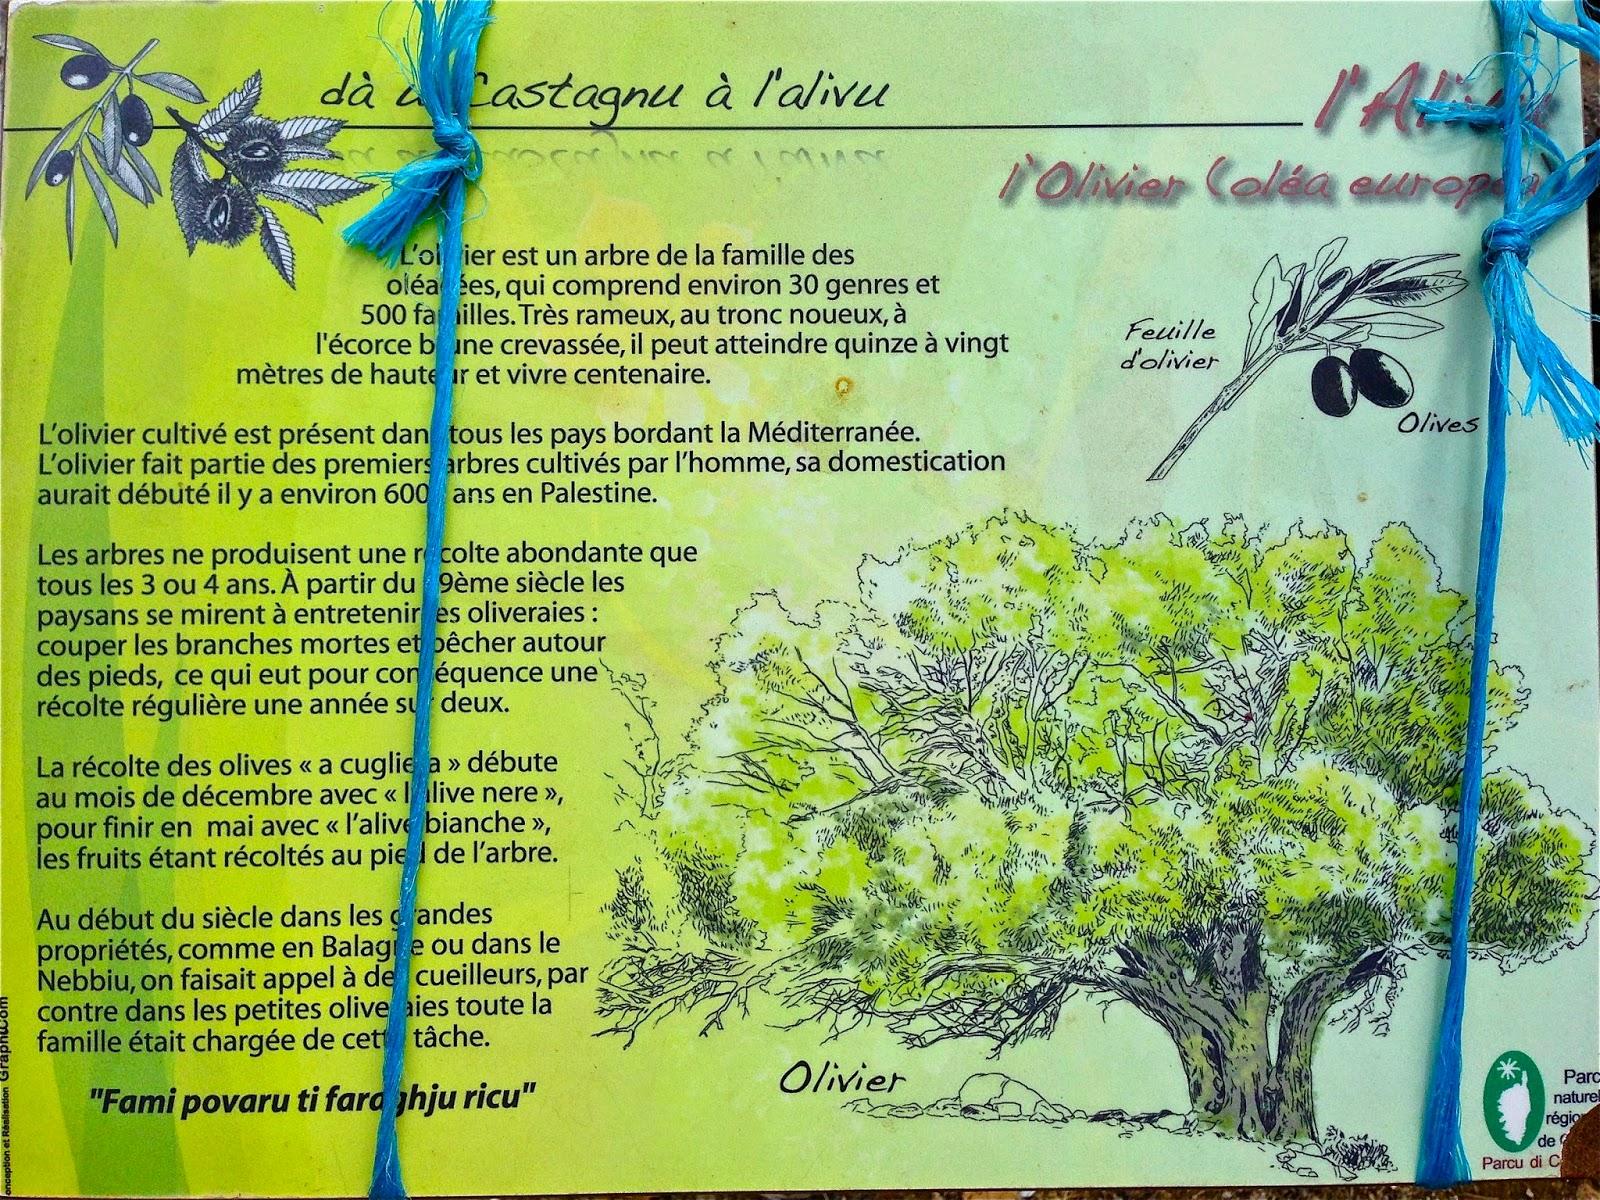 Il Cultive L Olivier yves-noël genod, le dispariteur: l 'olivier cultivé